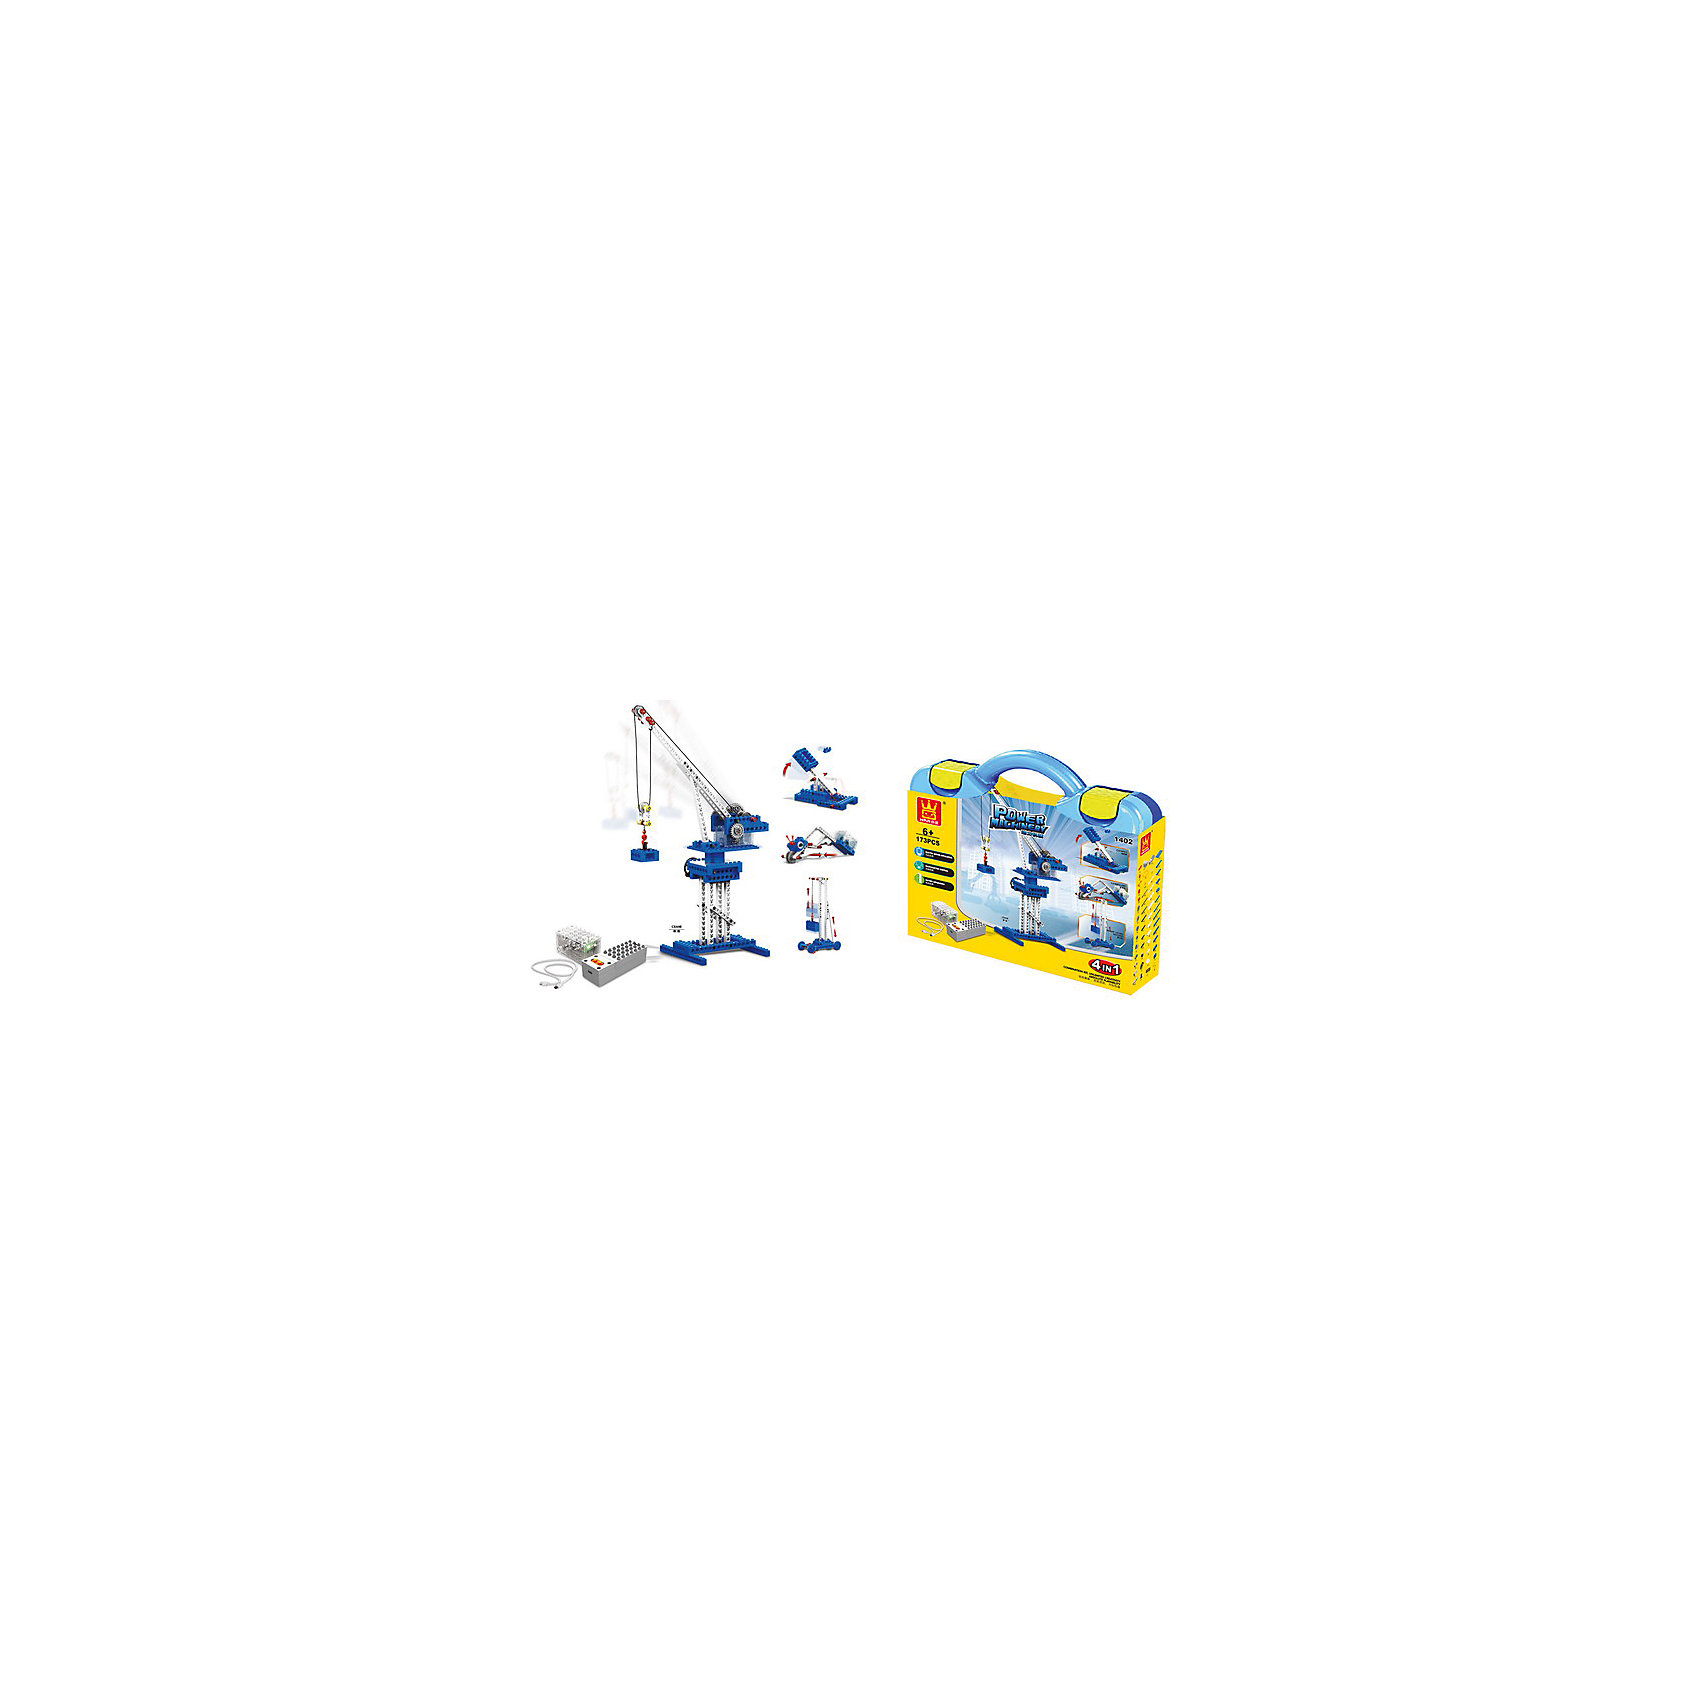 Конструктор Башенный кран 4 в1, с проводным пультом управления, 173 предм., JUNFA